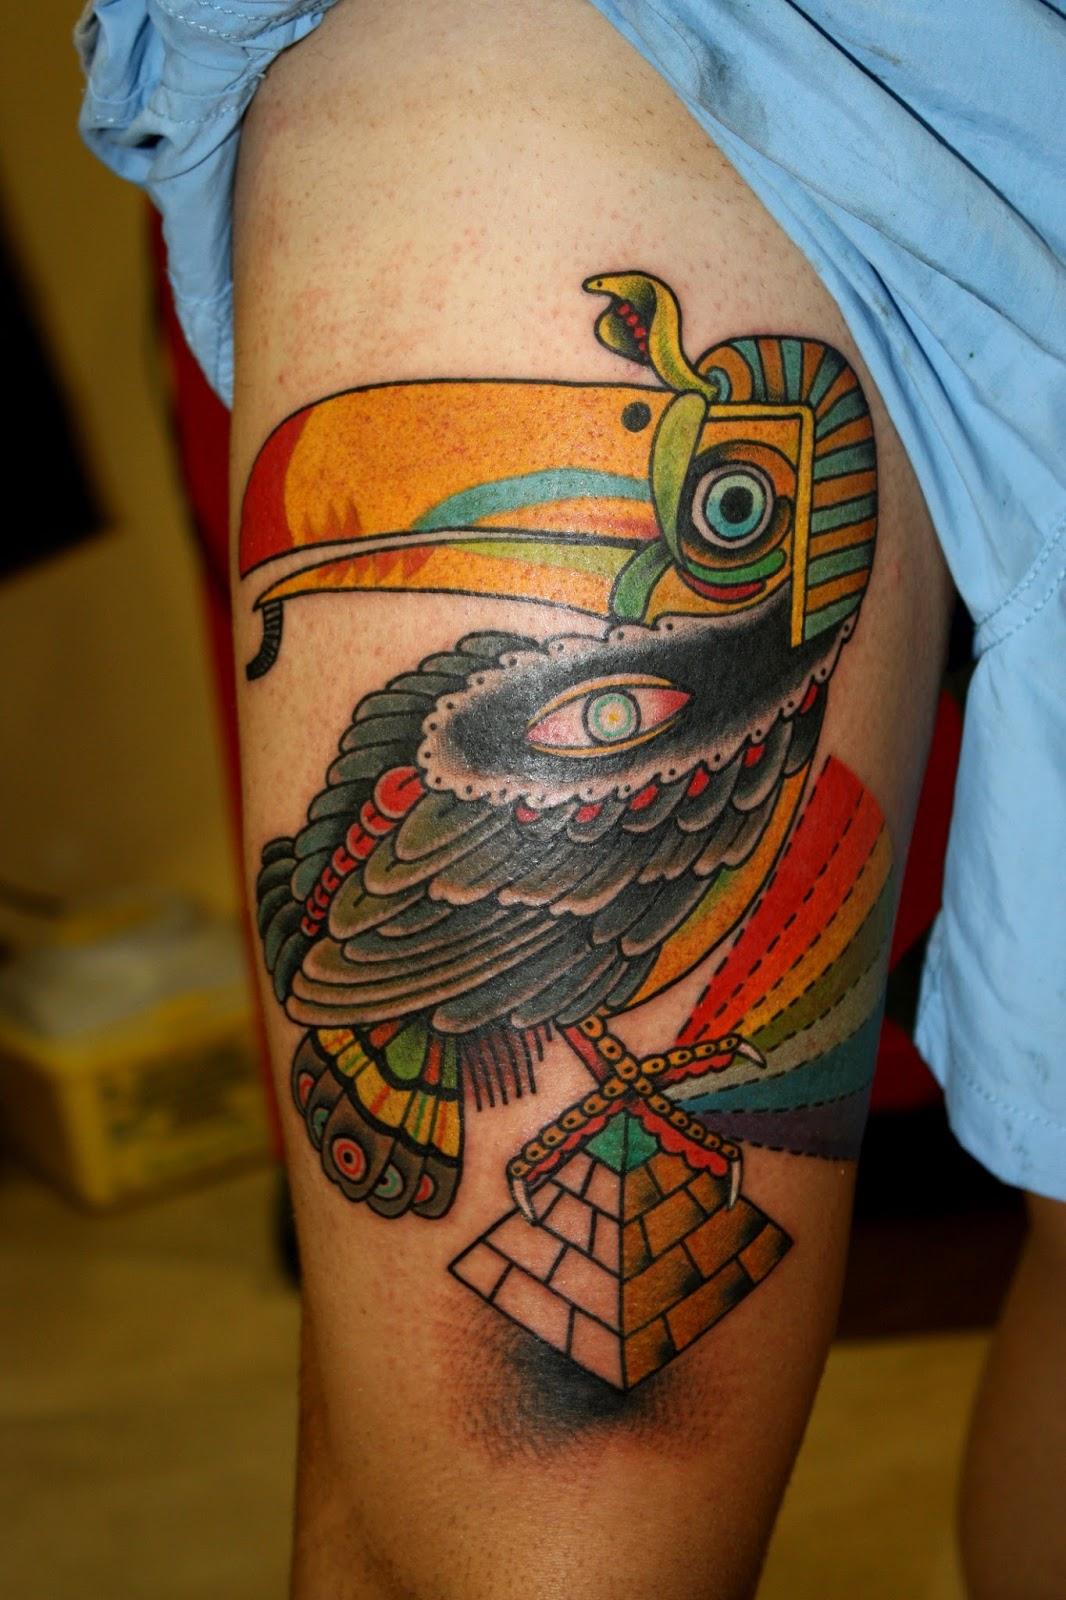 Tatuajes Alcorcon horny trash: deno tattoo circus